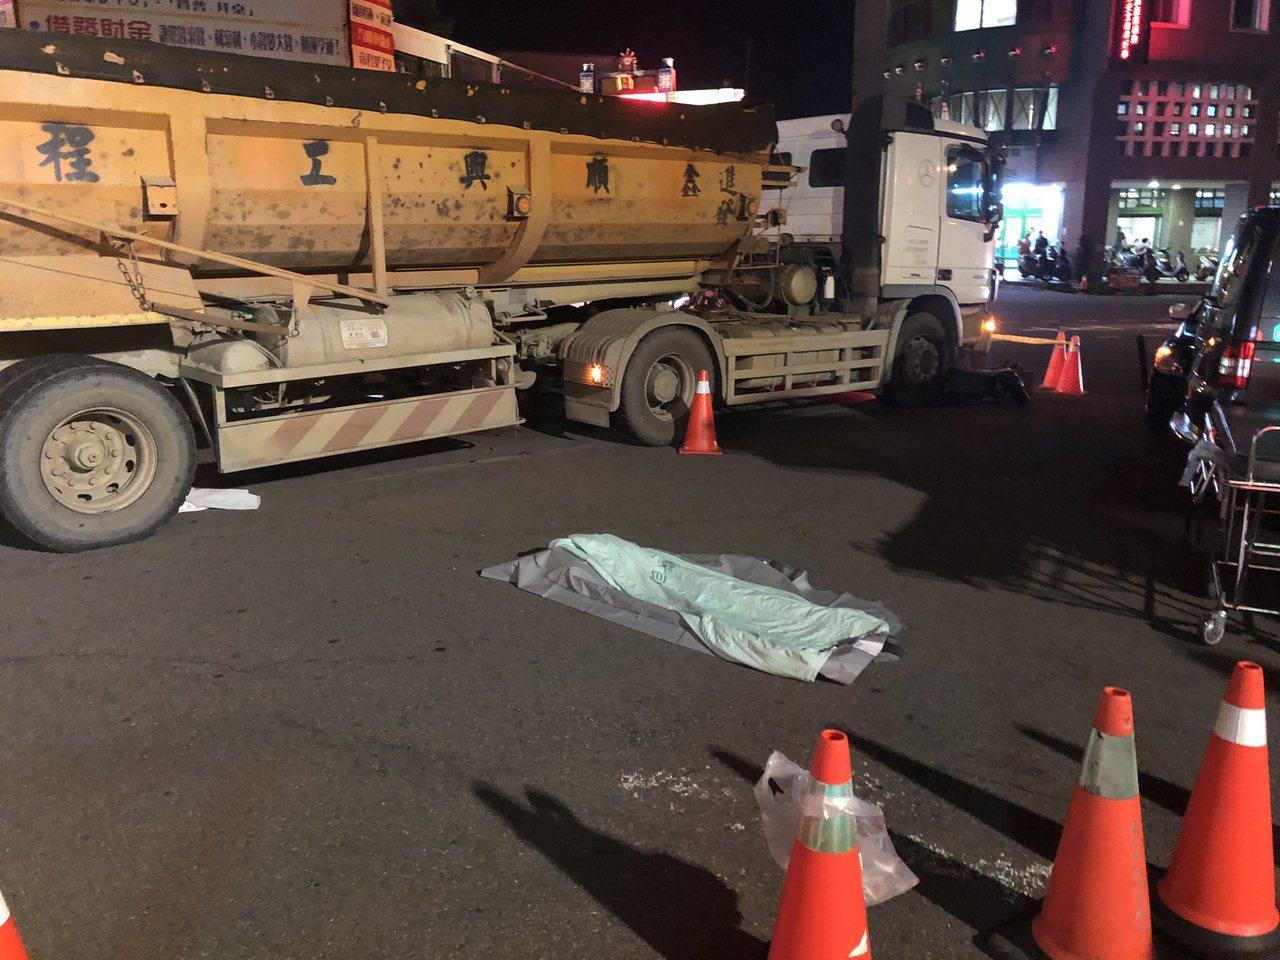 台中市東區自由路、建成路今天下午4時許傳出死亡車禍,吳姓男子駕駛的砂石車碰撞騎車...